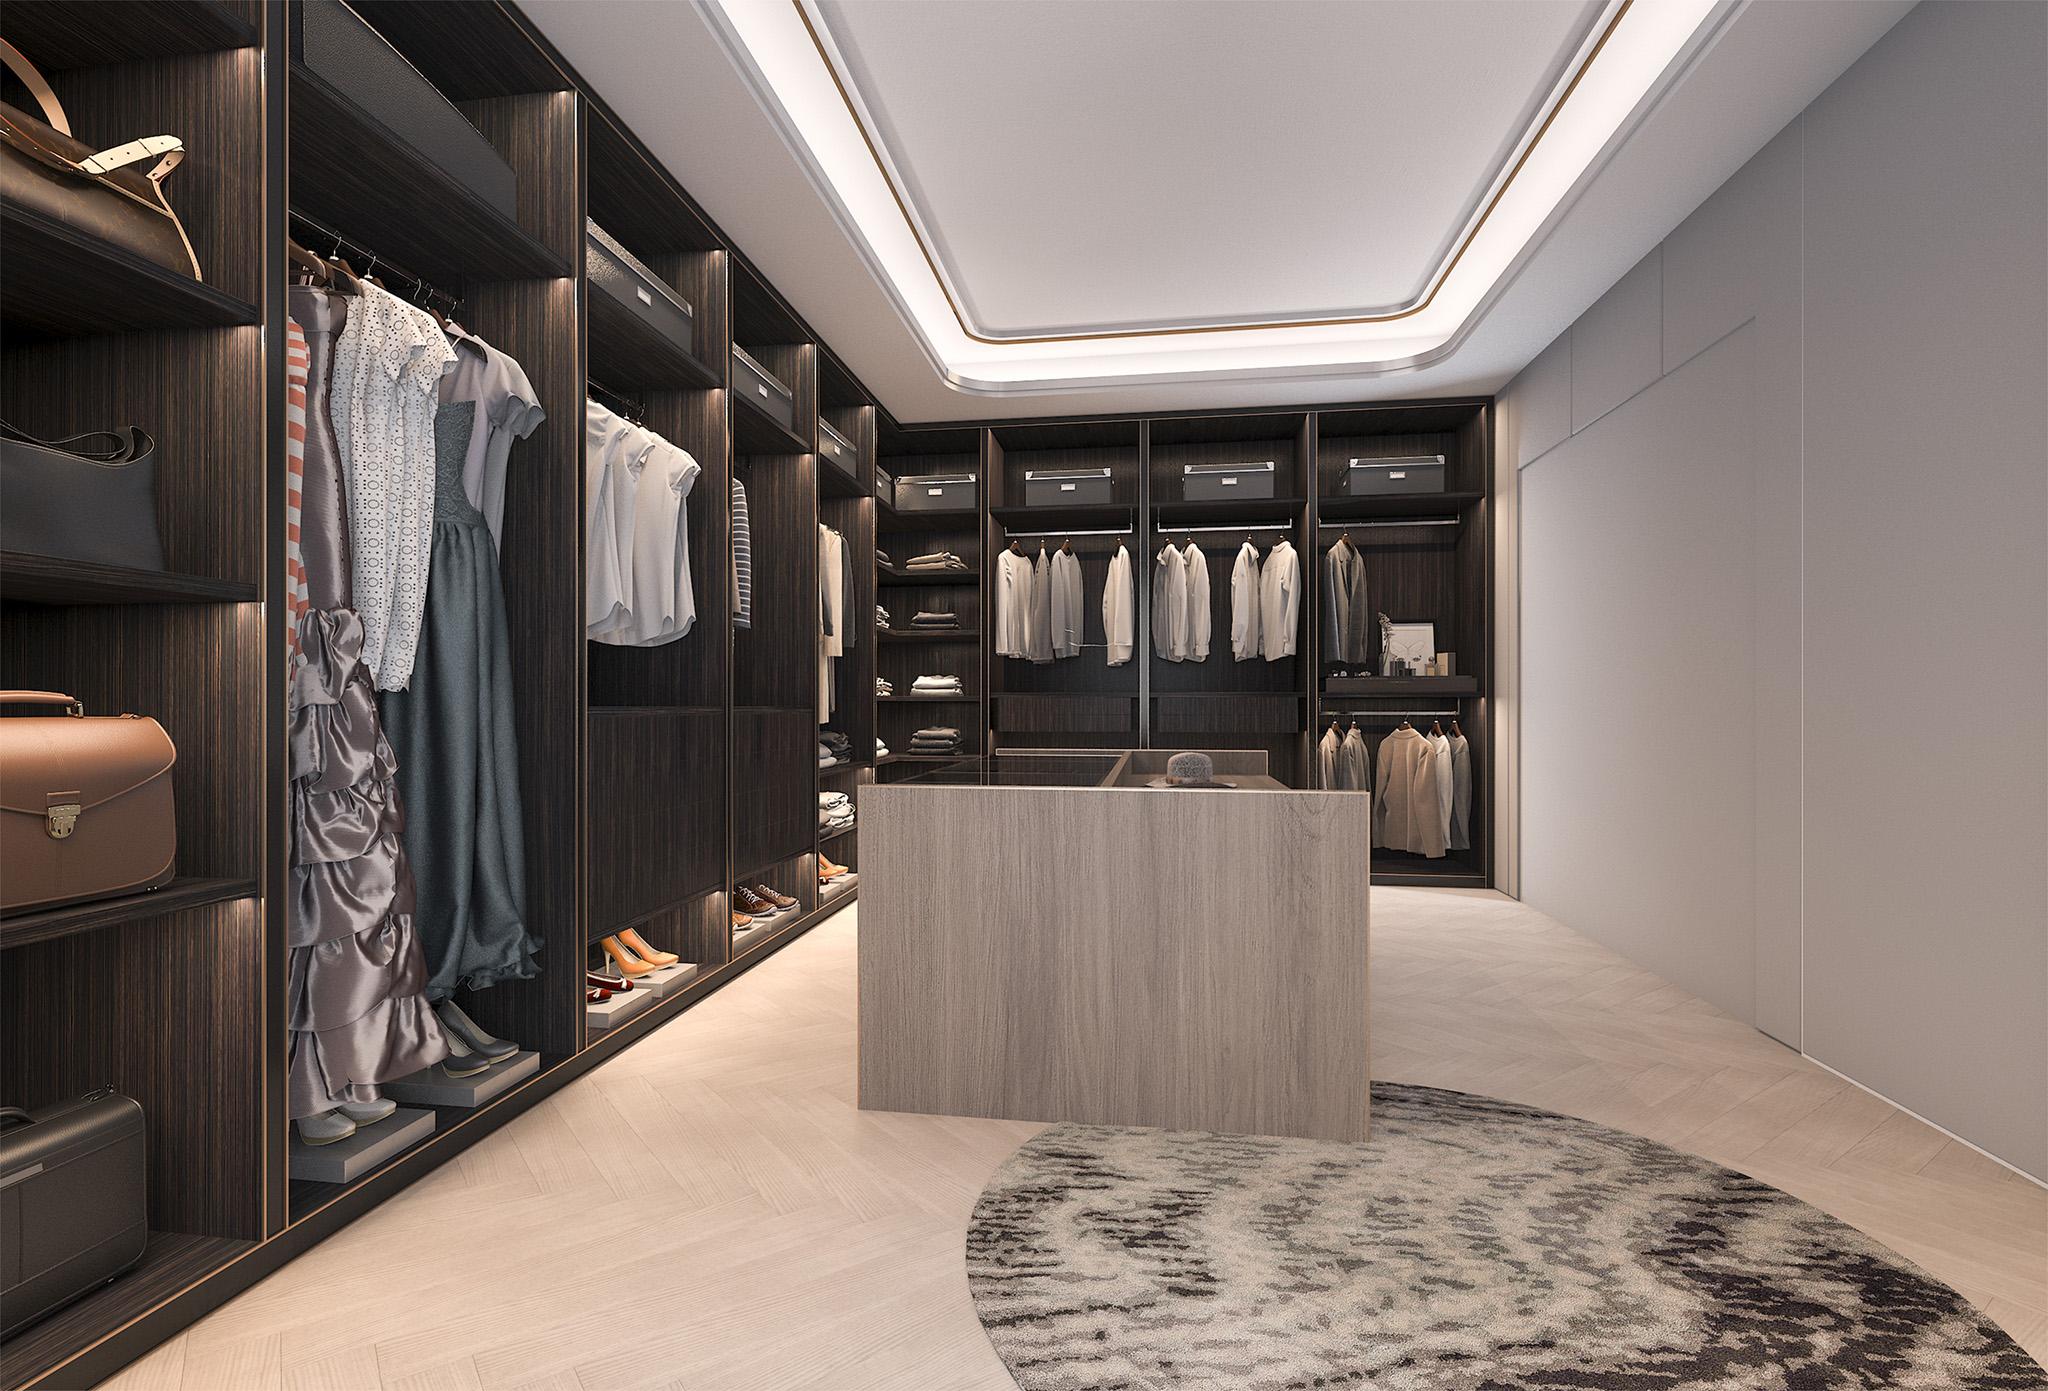 walk in wardrobe design, shoe storage, designer handbag storage solutions